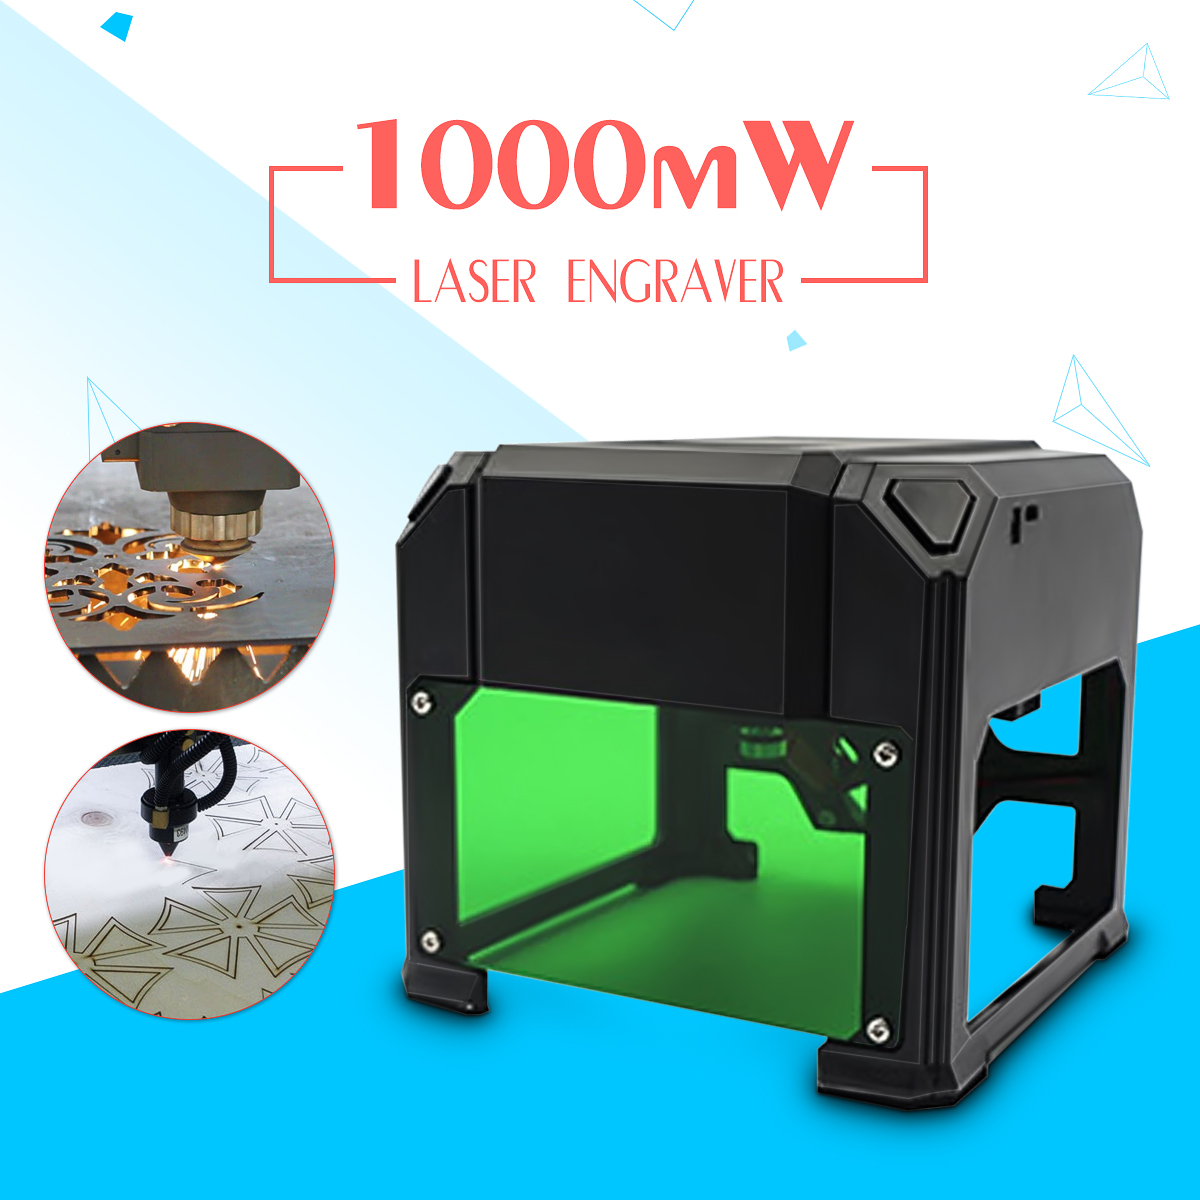 1000 mw Laser De Bureau Graveur DIY Logo Imprimante Marque CNC Cutter Laser Machine de gravure 80x80mm Gamme De Gravure